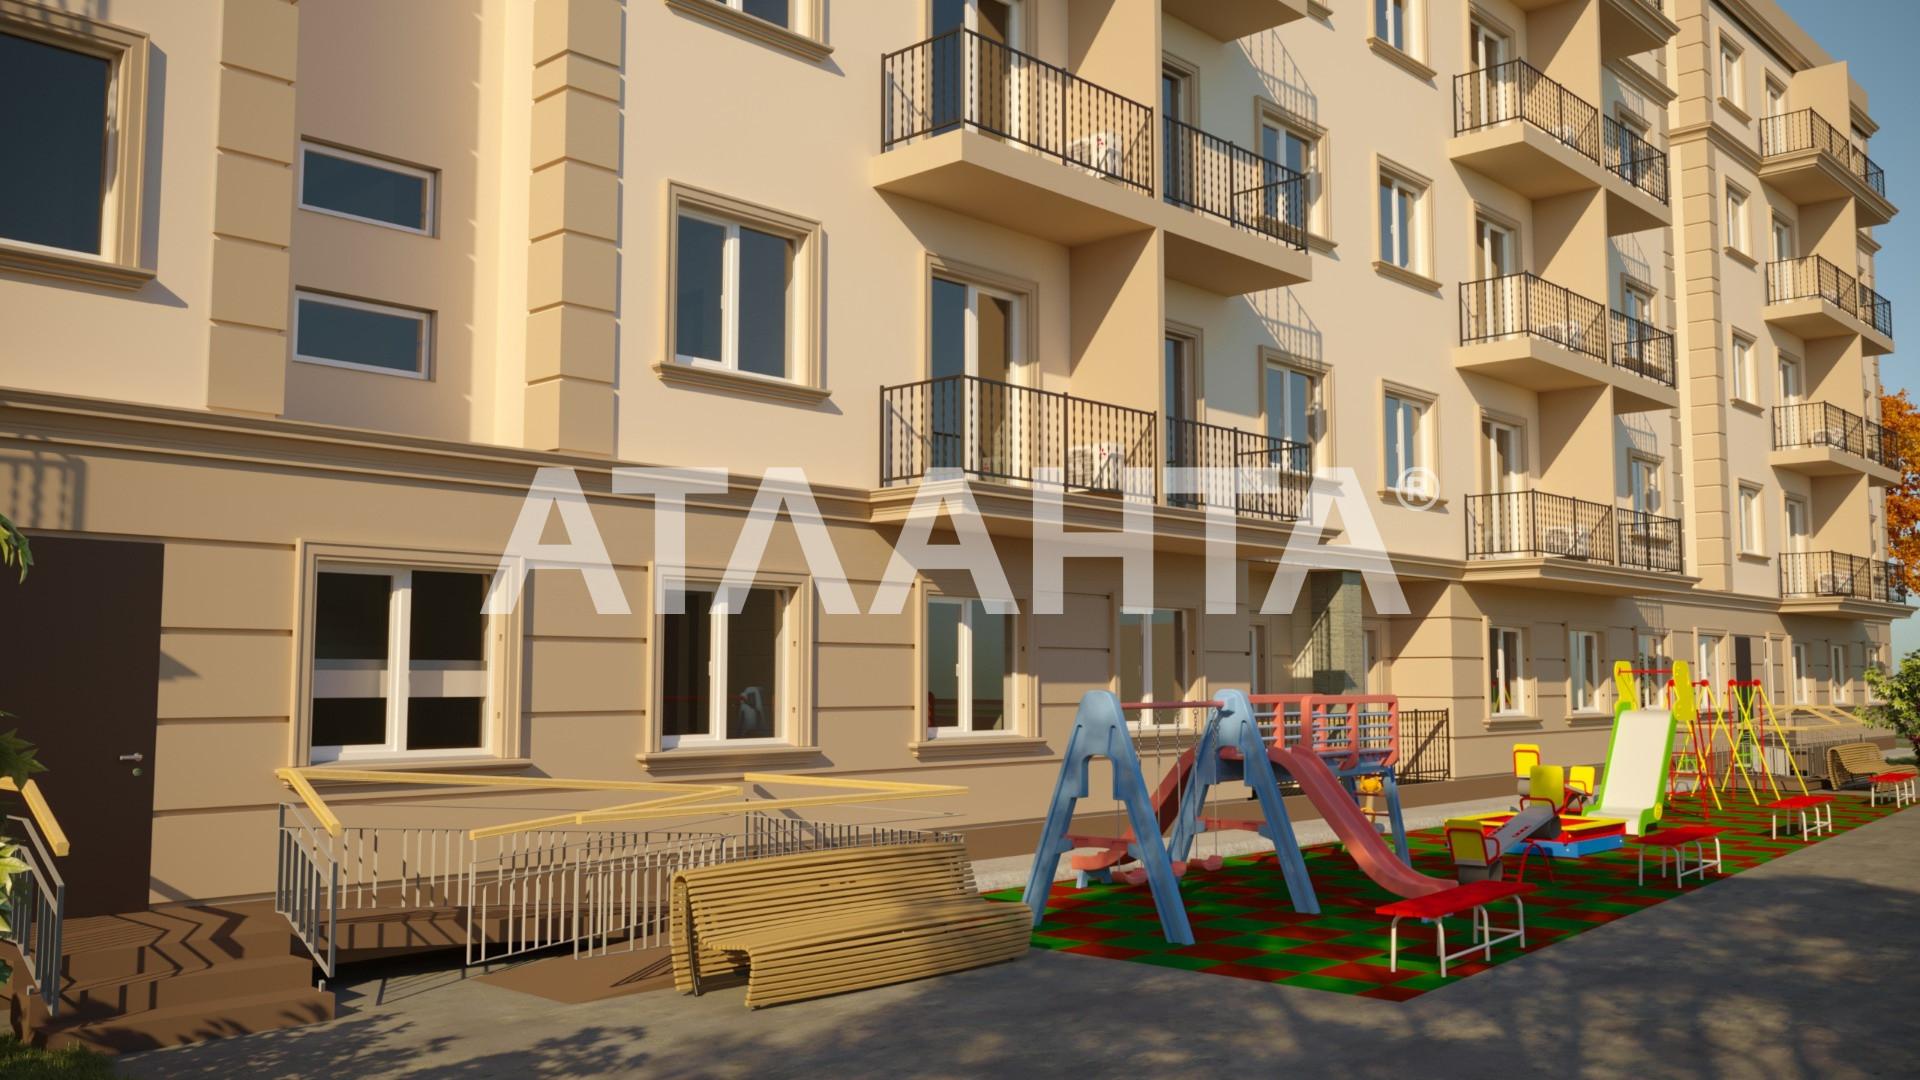 Продается 1-комнатная Квартира на ул. Люстдорфская Дор. (Черноморская Дор.) — 31 830 у.е.